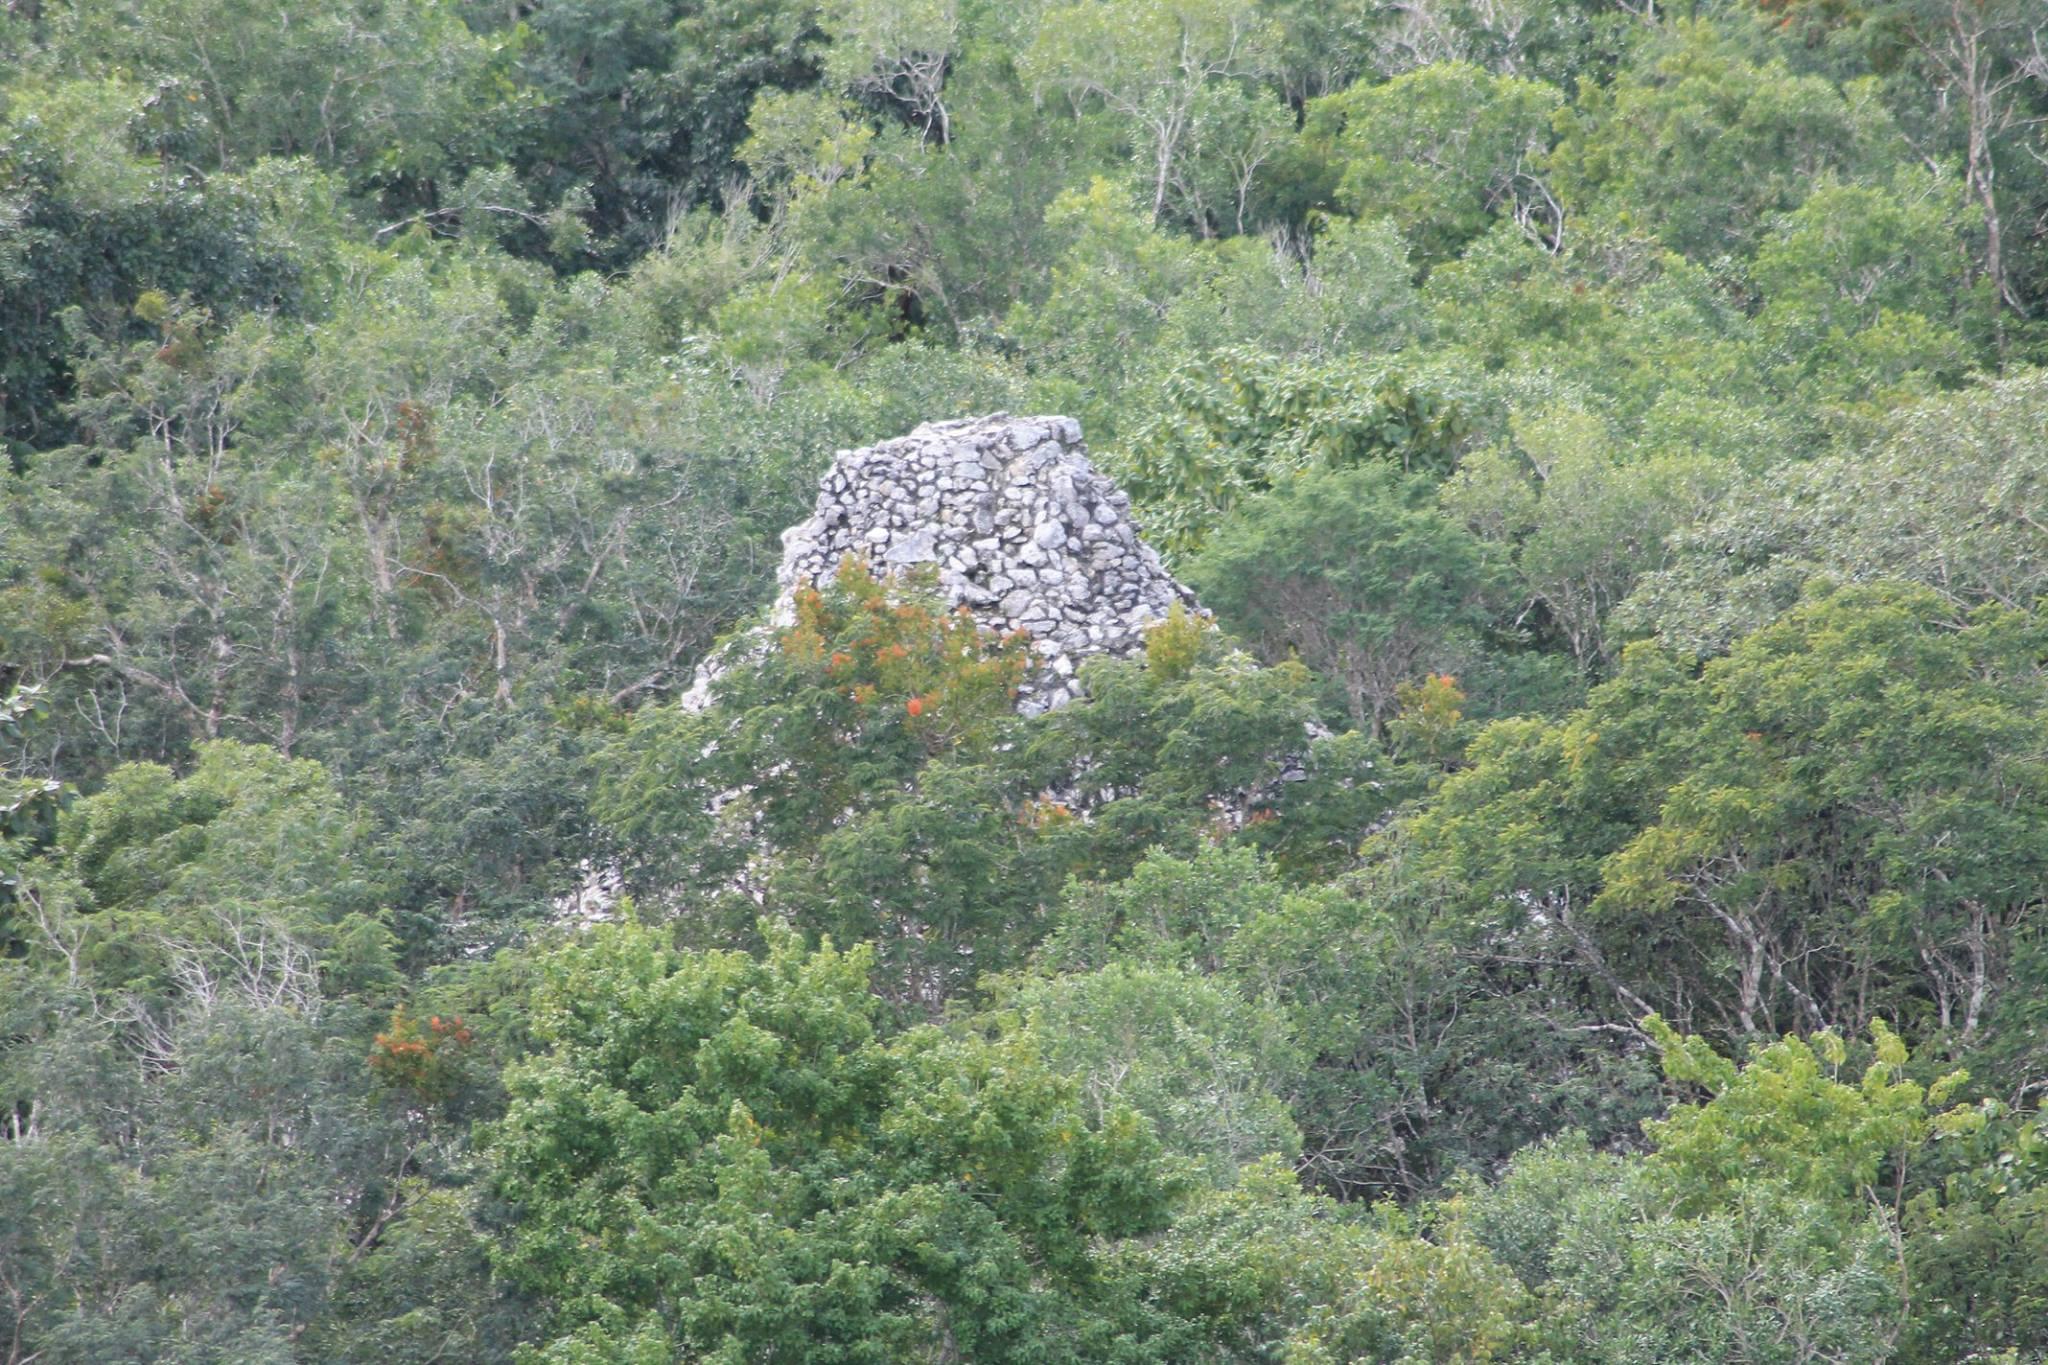 sito archeologico di cobà messico